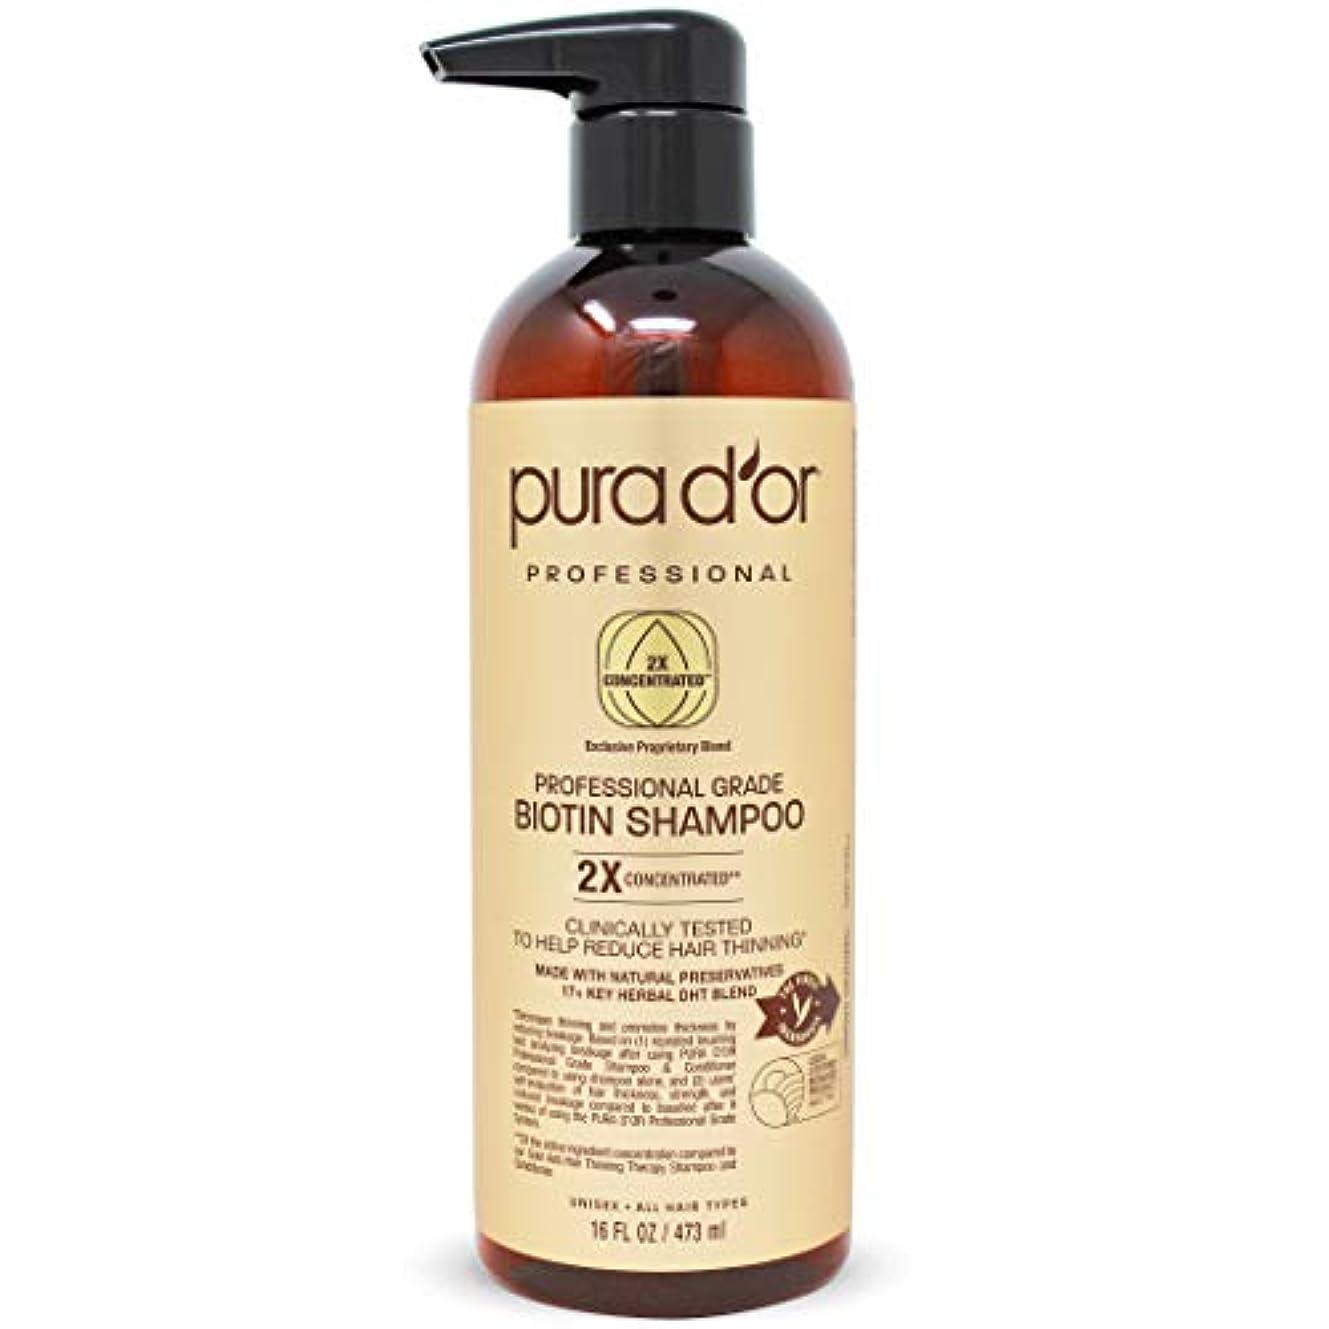 ビーム主流ブラシPURA D'OR プロフェッショナル品質 薄毛対策 2X 濃縮 有効成分 効果を高める 天然成分 臨床試験済み、硫酸塩フリー、男性 & 女性、473 ml(16 液量オンス) シャンプー